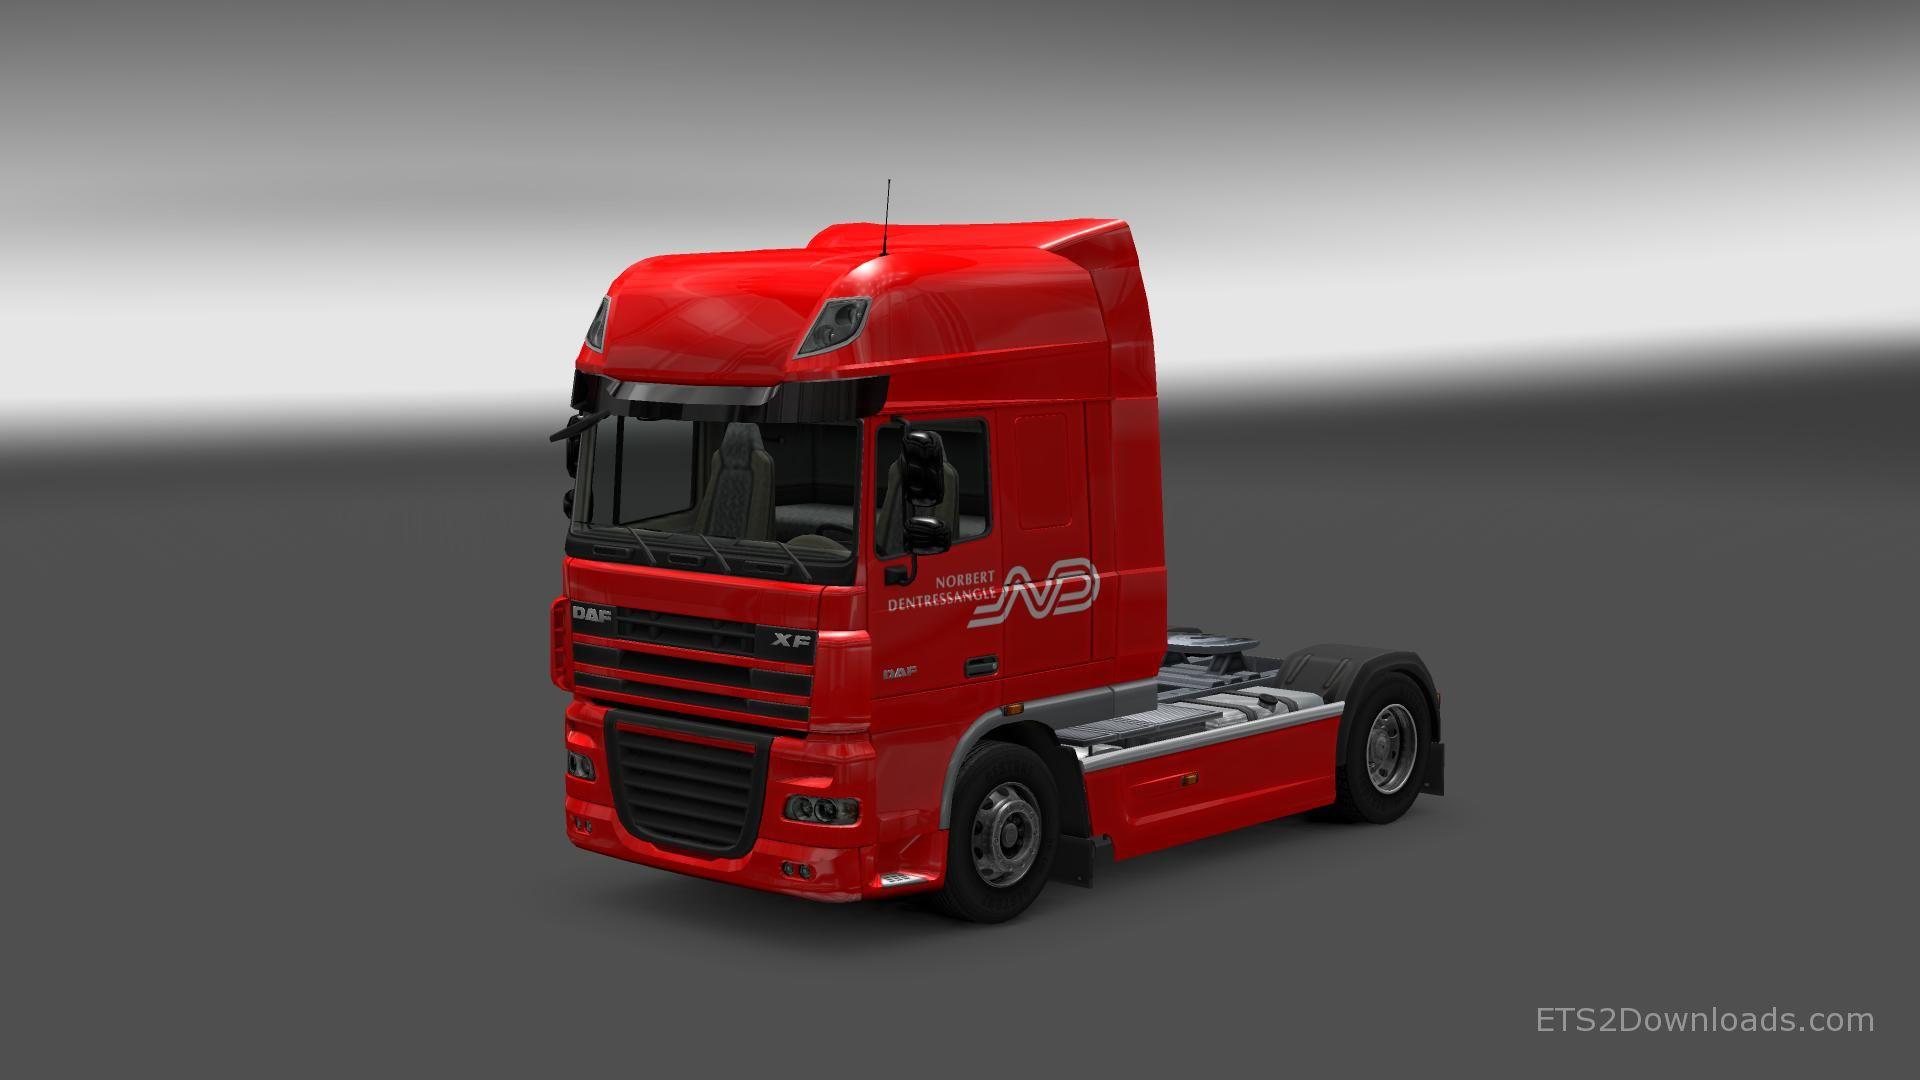 norbet-dentressangle-skin-pack-for-all-trucks-6